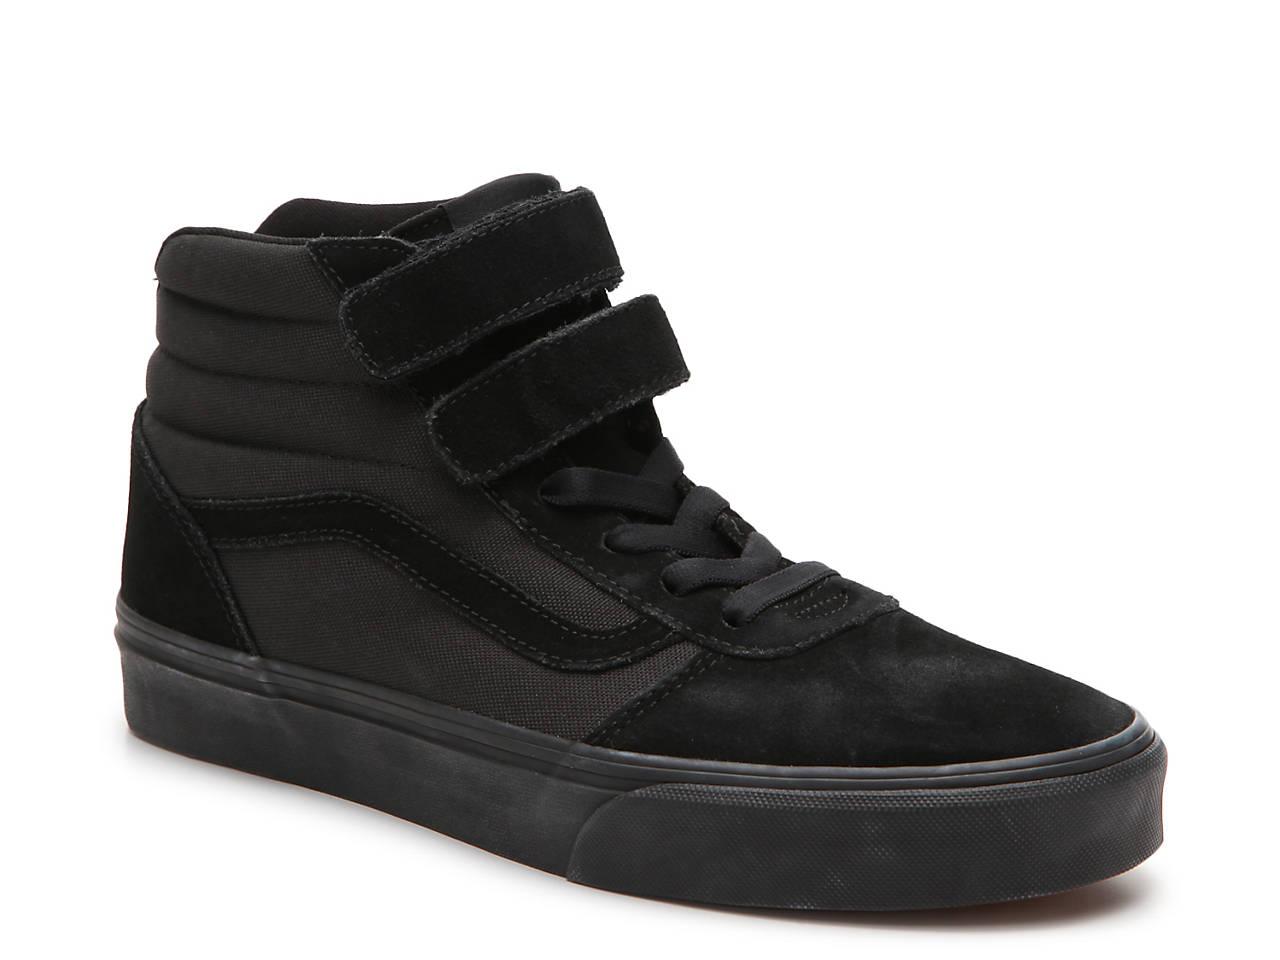 fa135da34f Vans Ward Hi High-Top Sneaker - Men s Men s Shoes